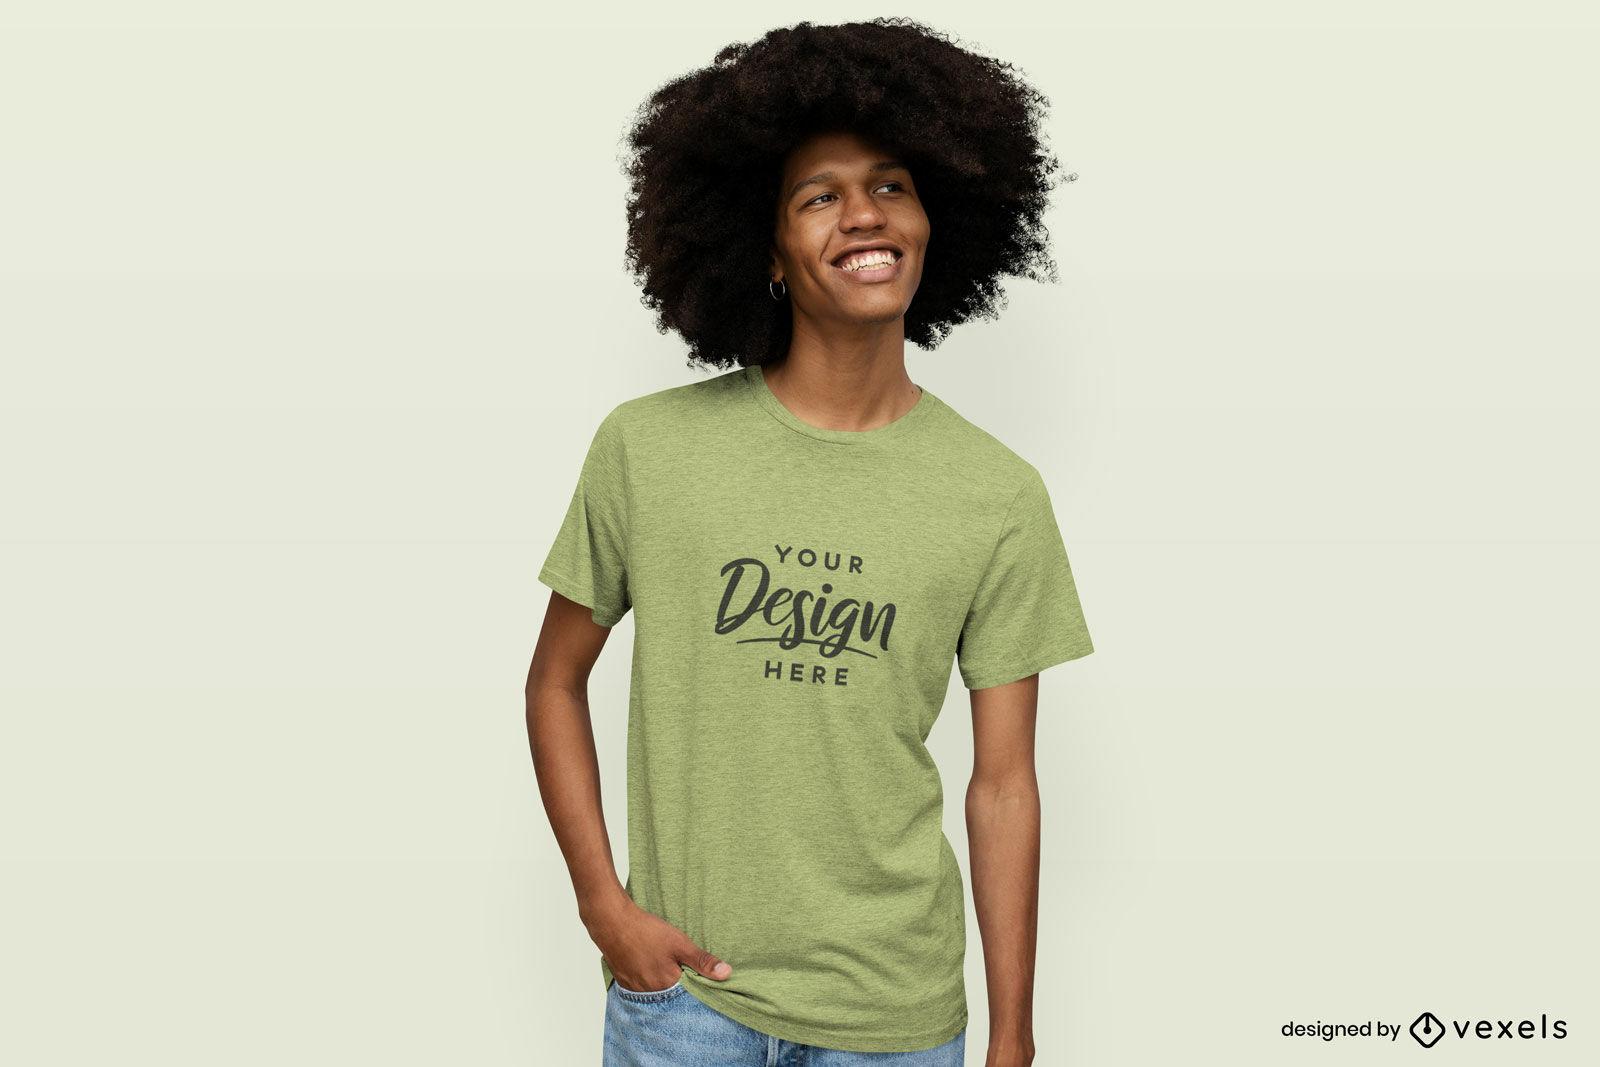 Mann, der in einem T-Shirt-Modell mit festem Hintergrund lächelt